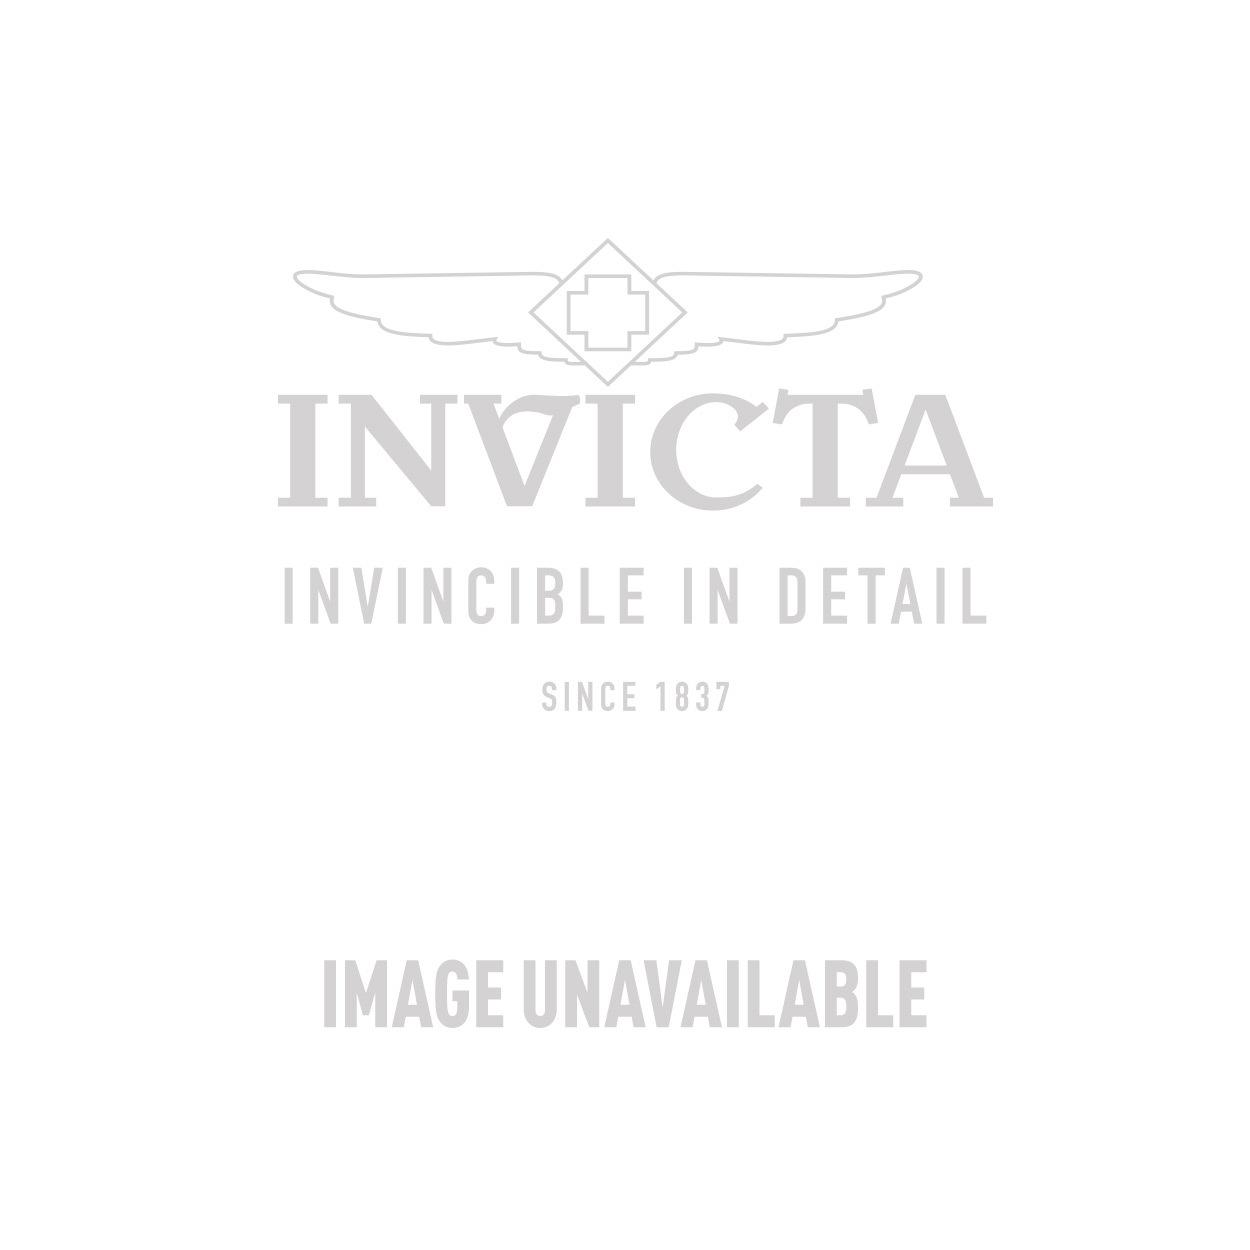 Invicta Model 23959